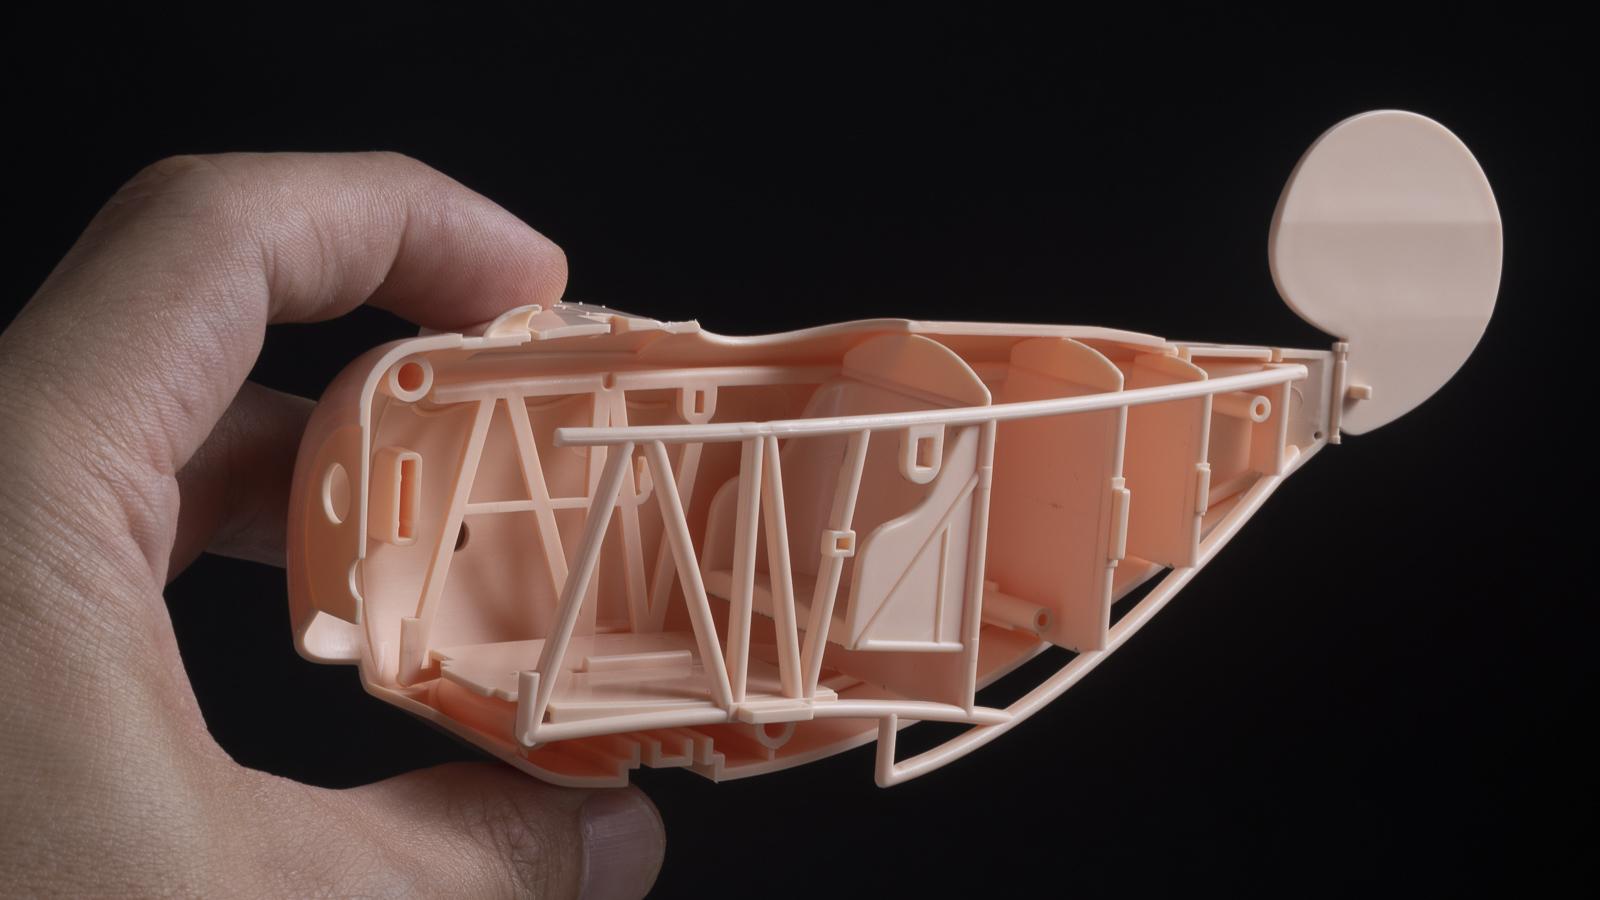 上海発、インディーズプラモメーカーの飛行機模型に痺れた話_b0029315_20102008.jpg